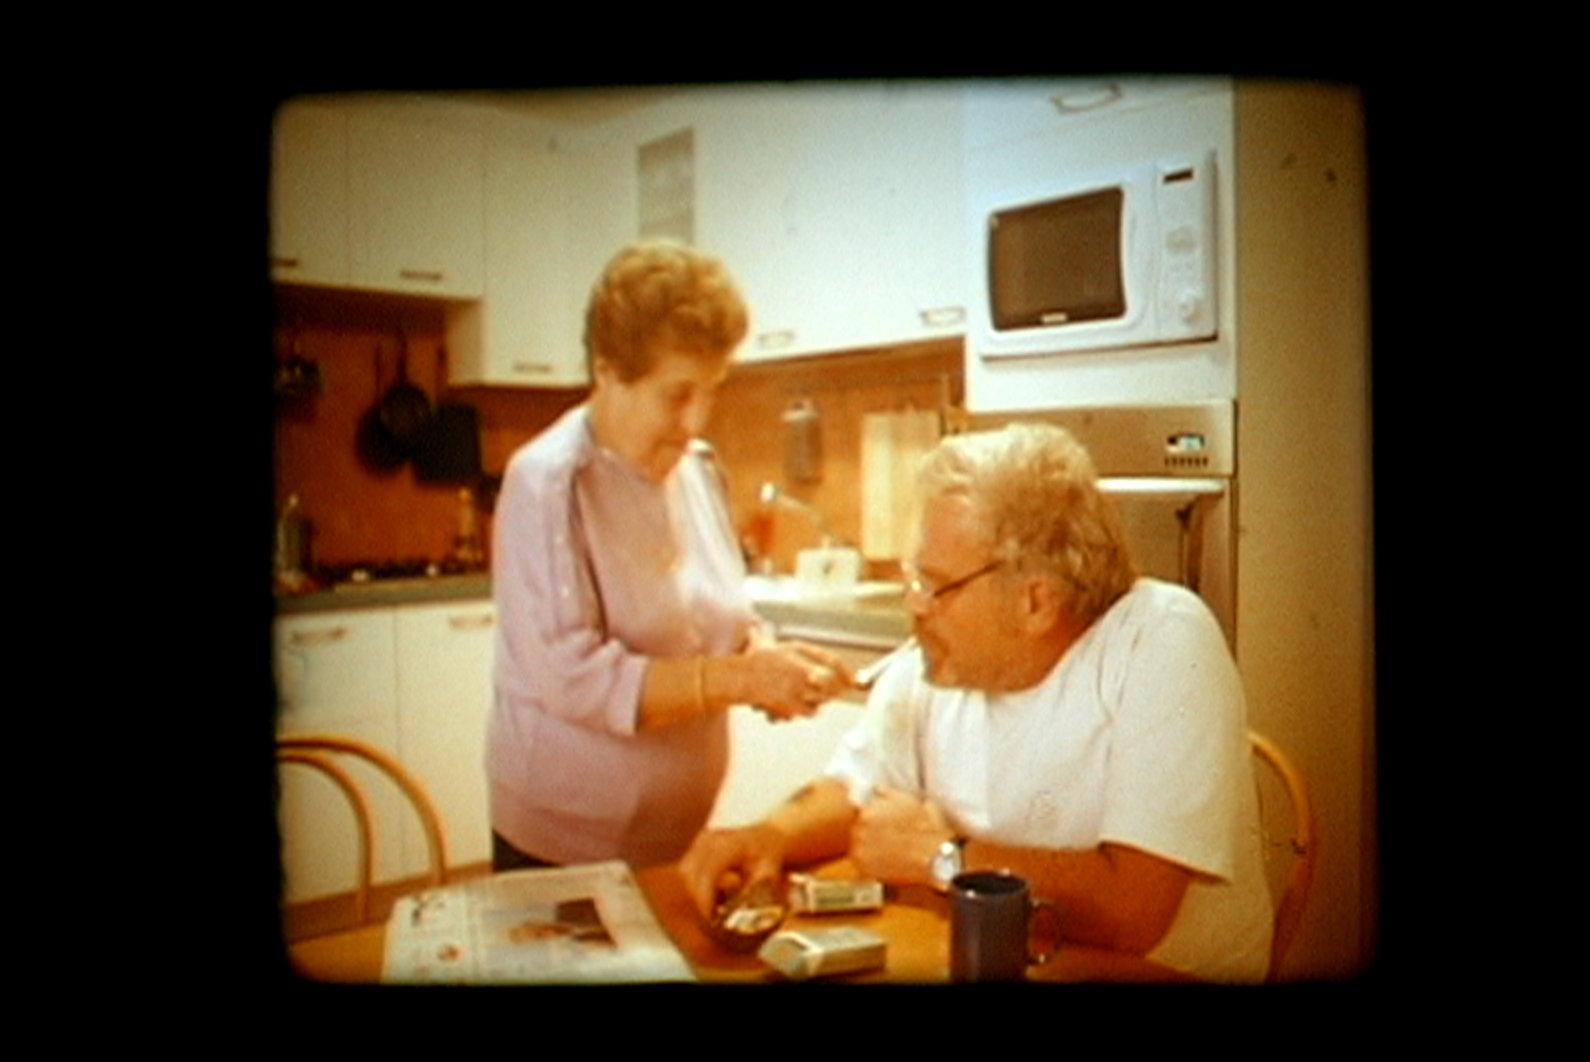 Cena de arquivo: imagem quadrada, tom sépia quente e um casal de idoso está na mesa da cozinha, ele usa camiseta preta e óculos, e tem cabelos brancos, ela veste camiseta clara e tem cabelo preto